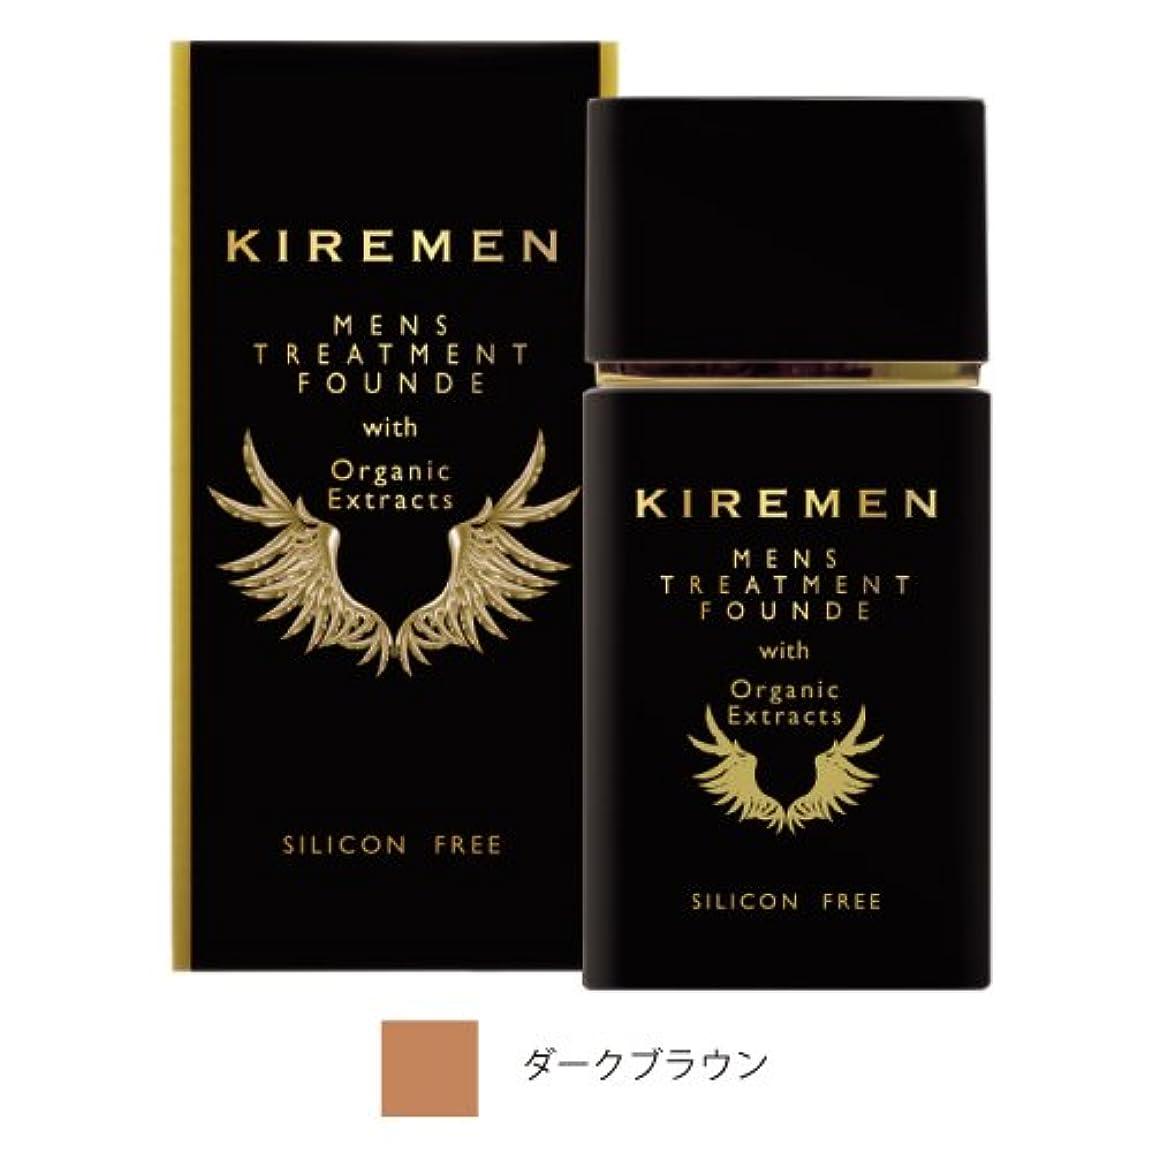 くさび水素肉のキレメン KIREMEN メンズファンデーション (ダークブラウン)